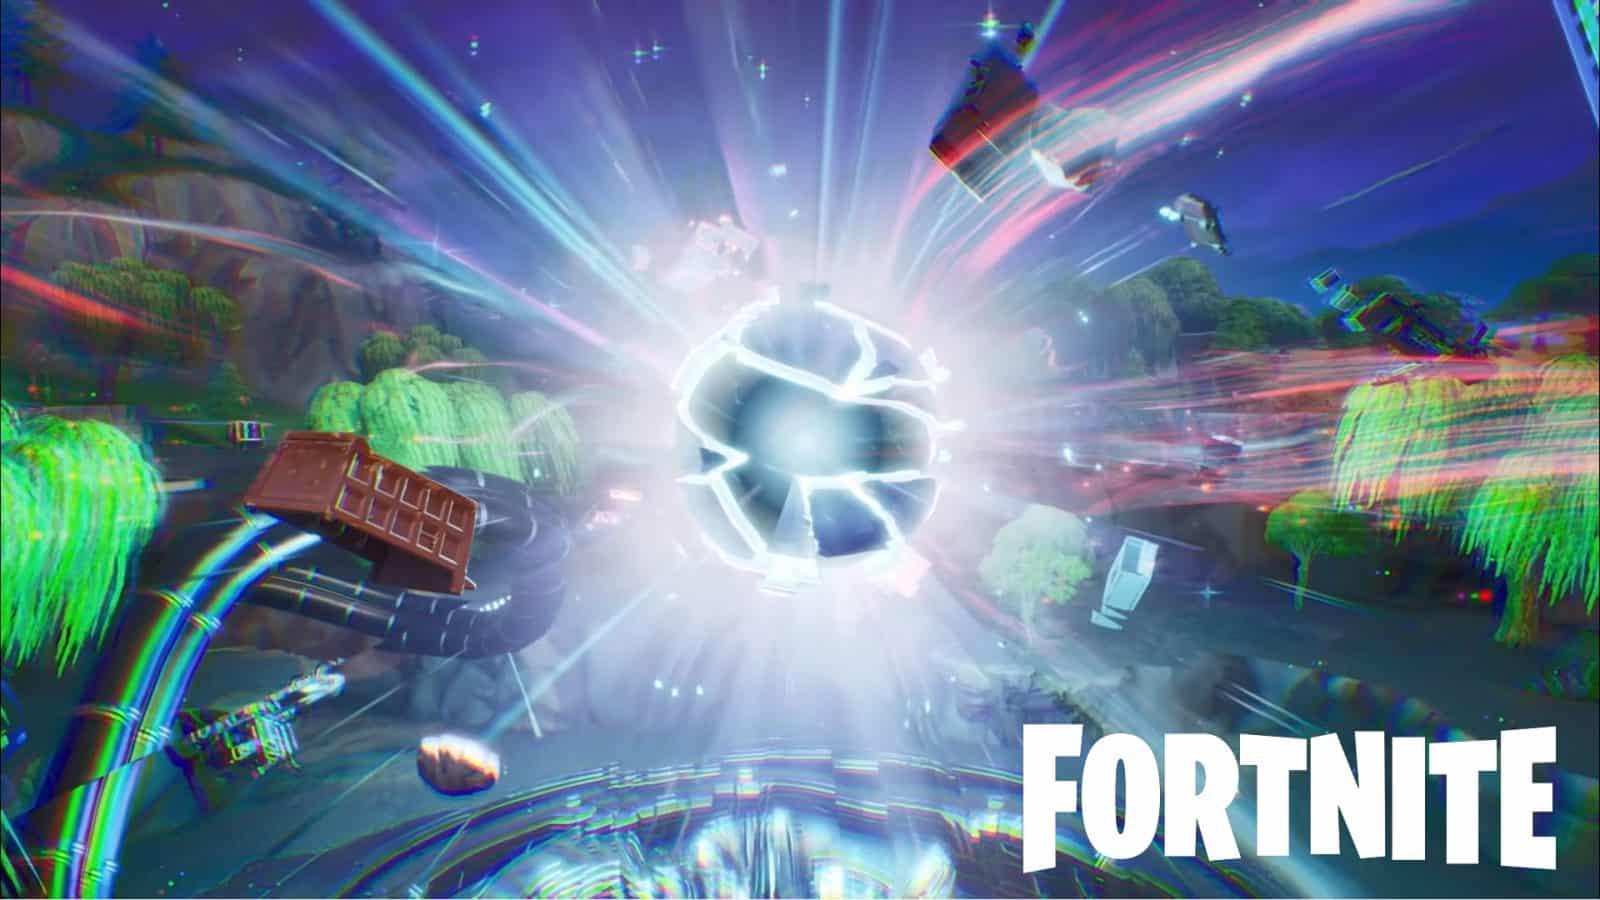 Fortnite Season 10 Vaulted Items